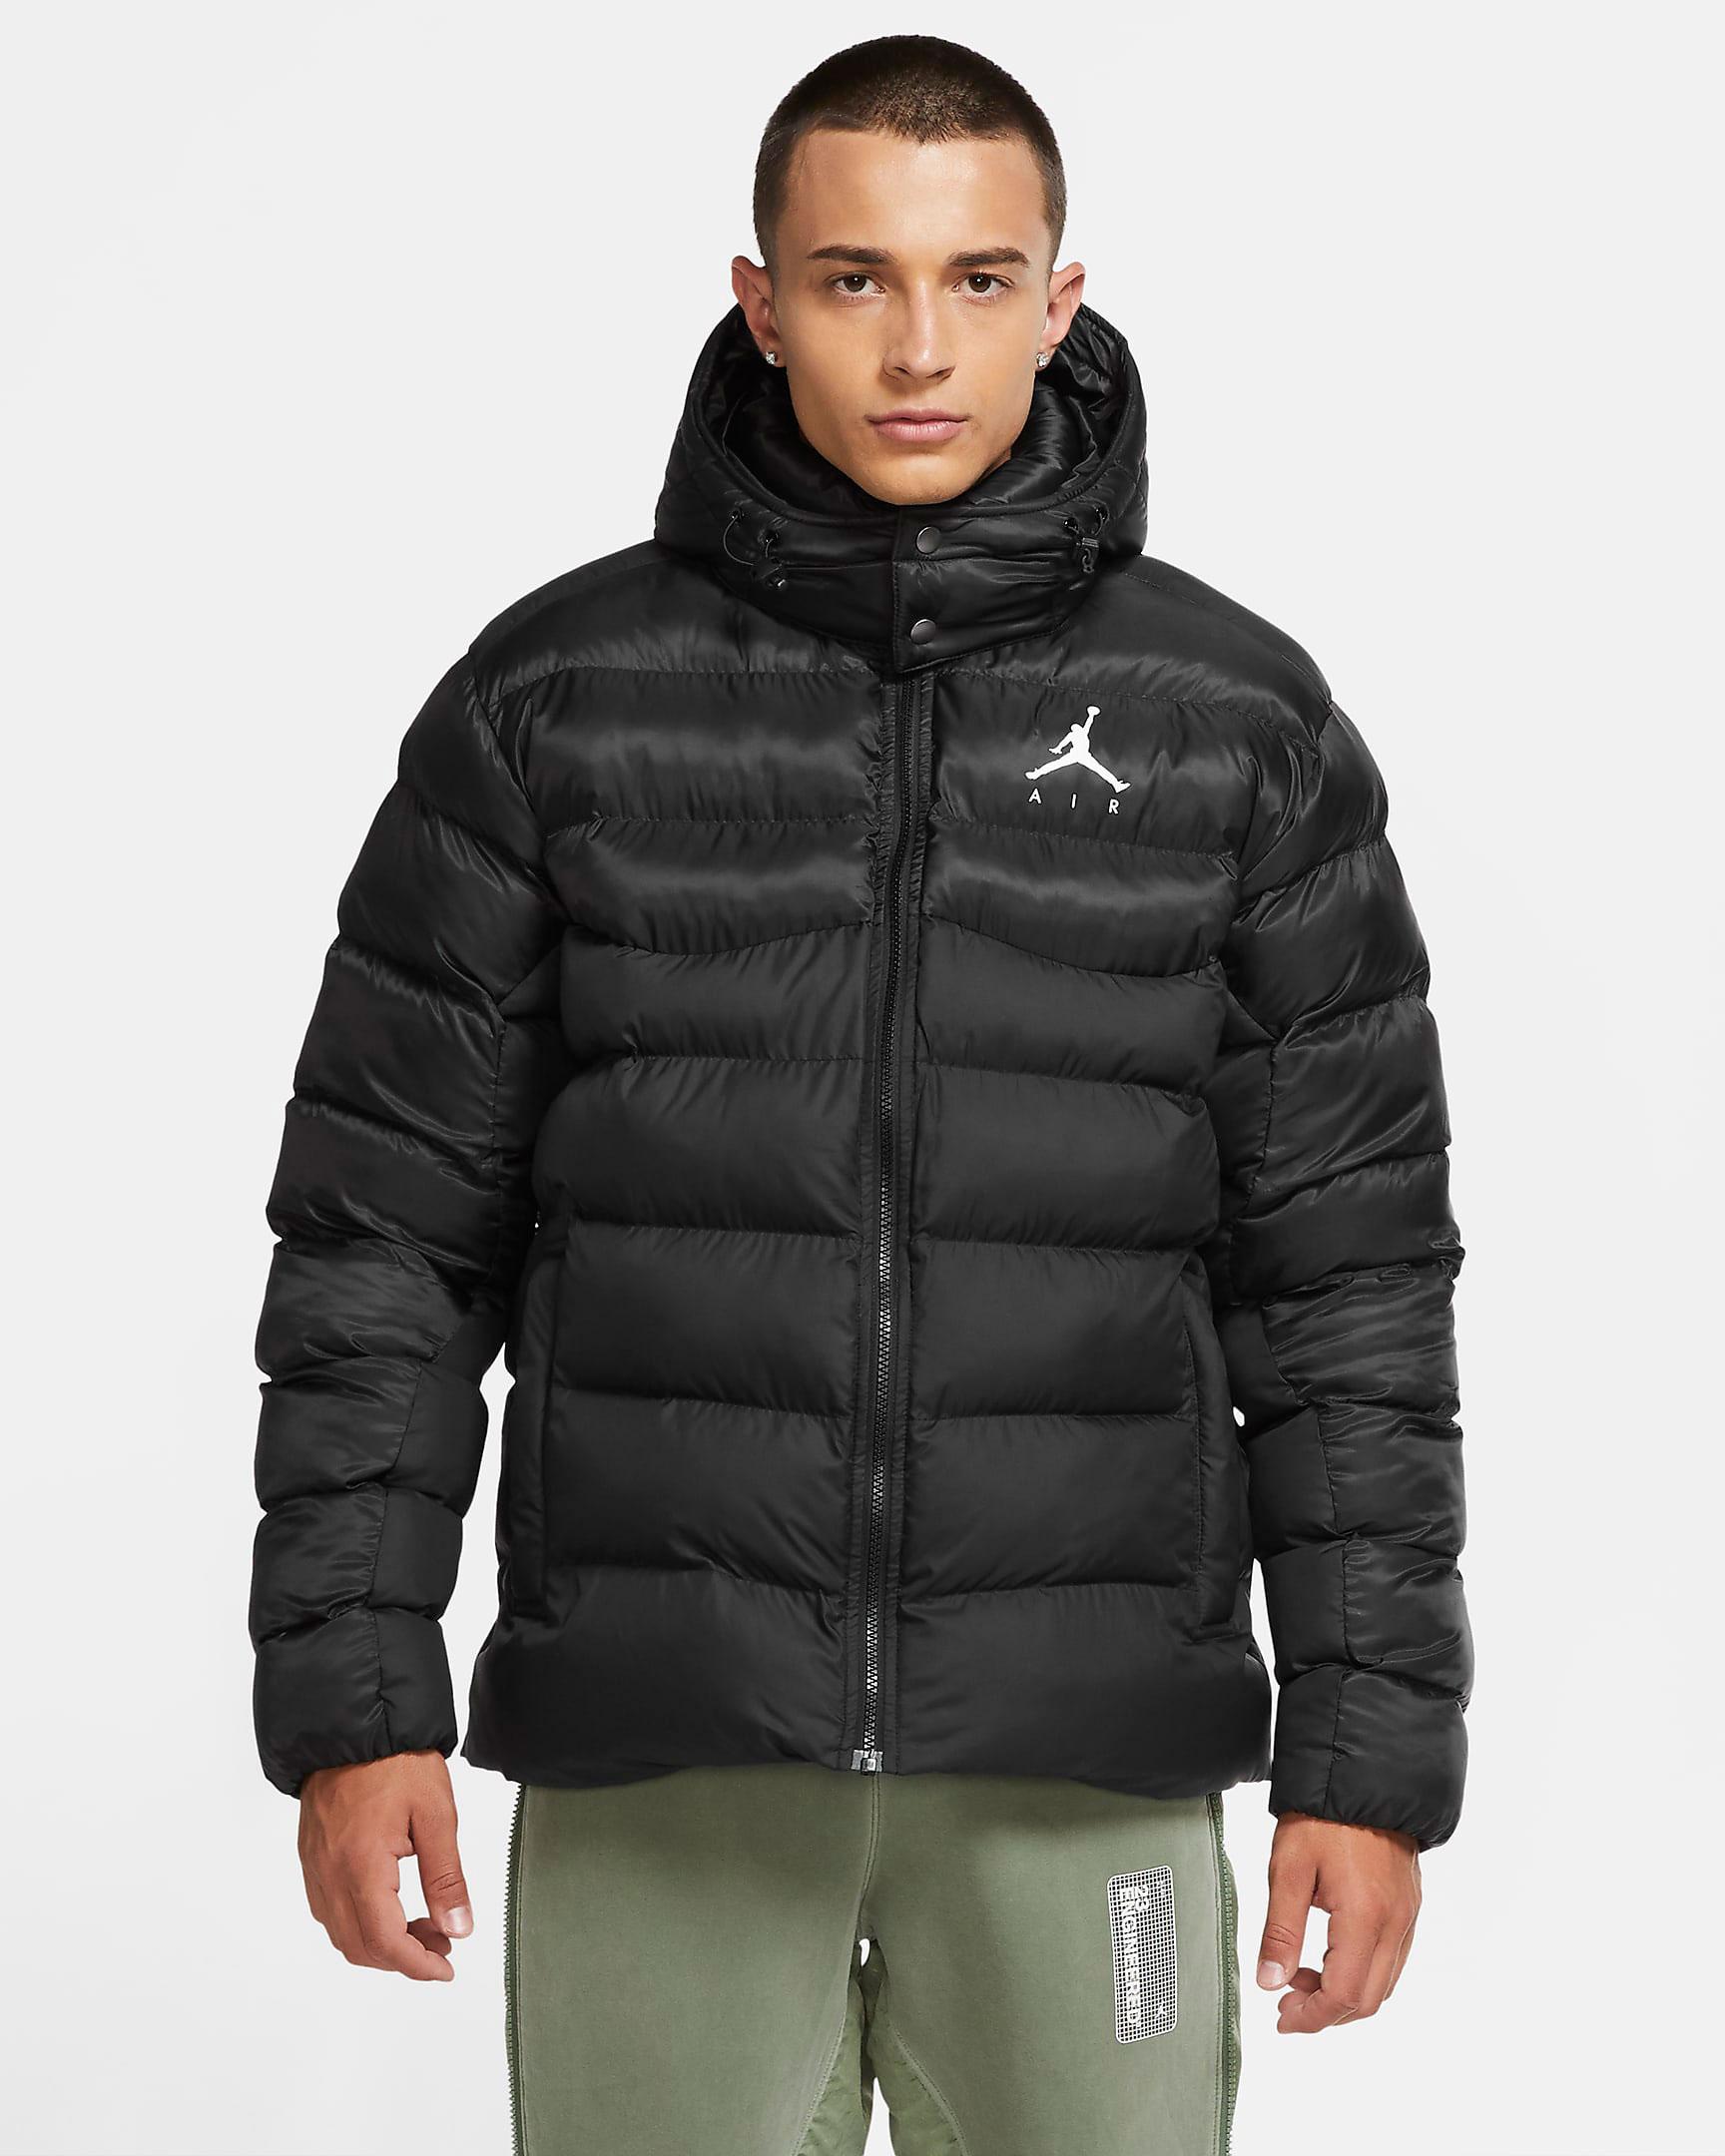 jordan-jumpman-puffer-jacket-black-white-1